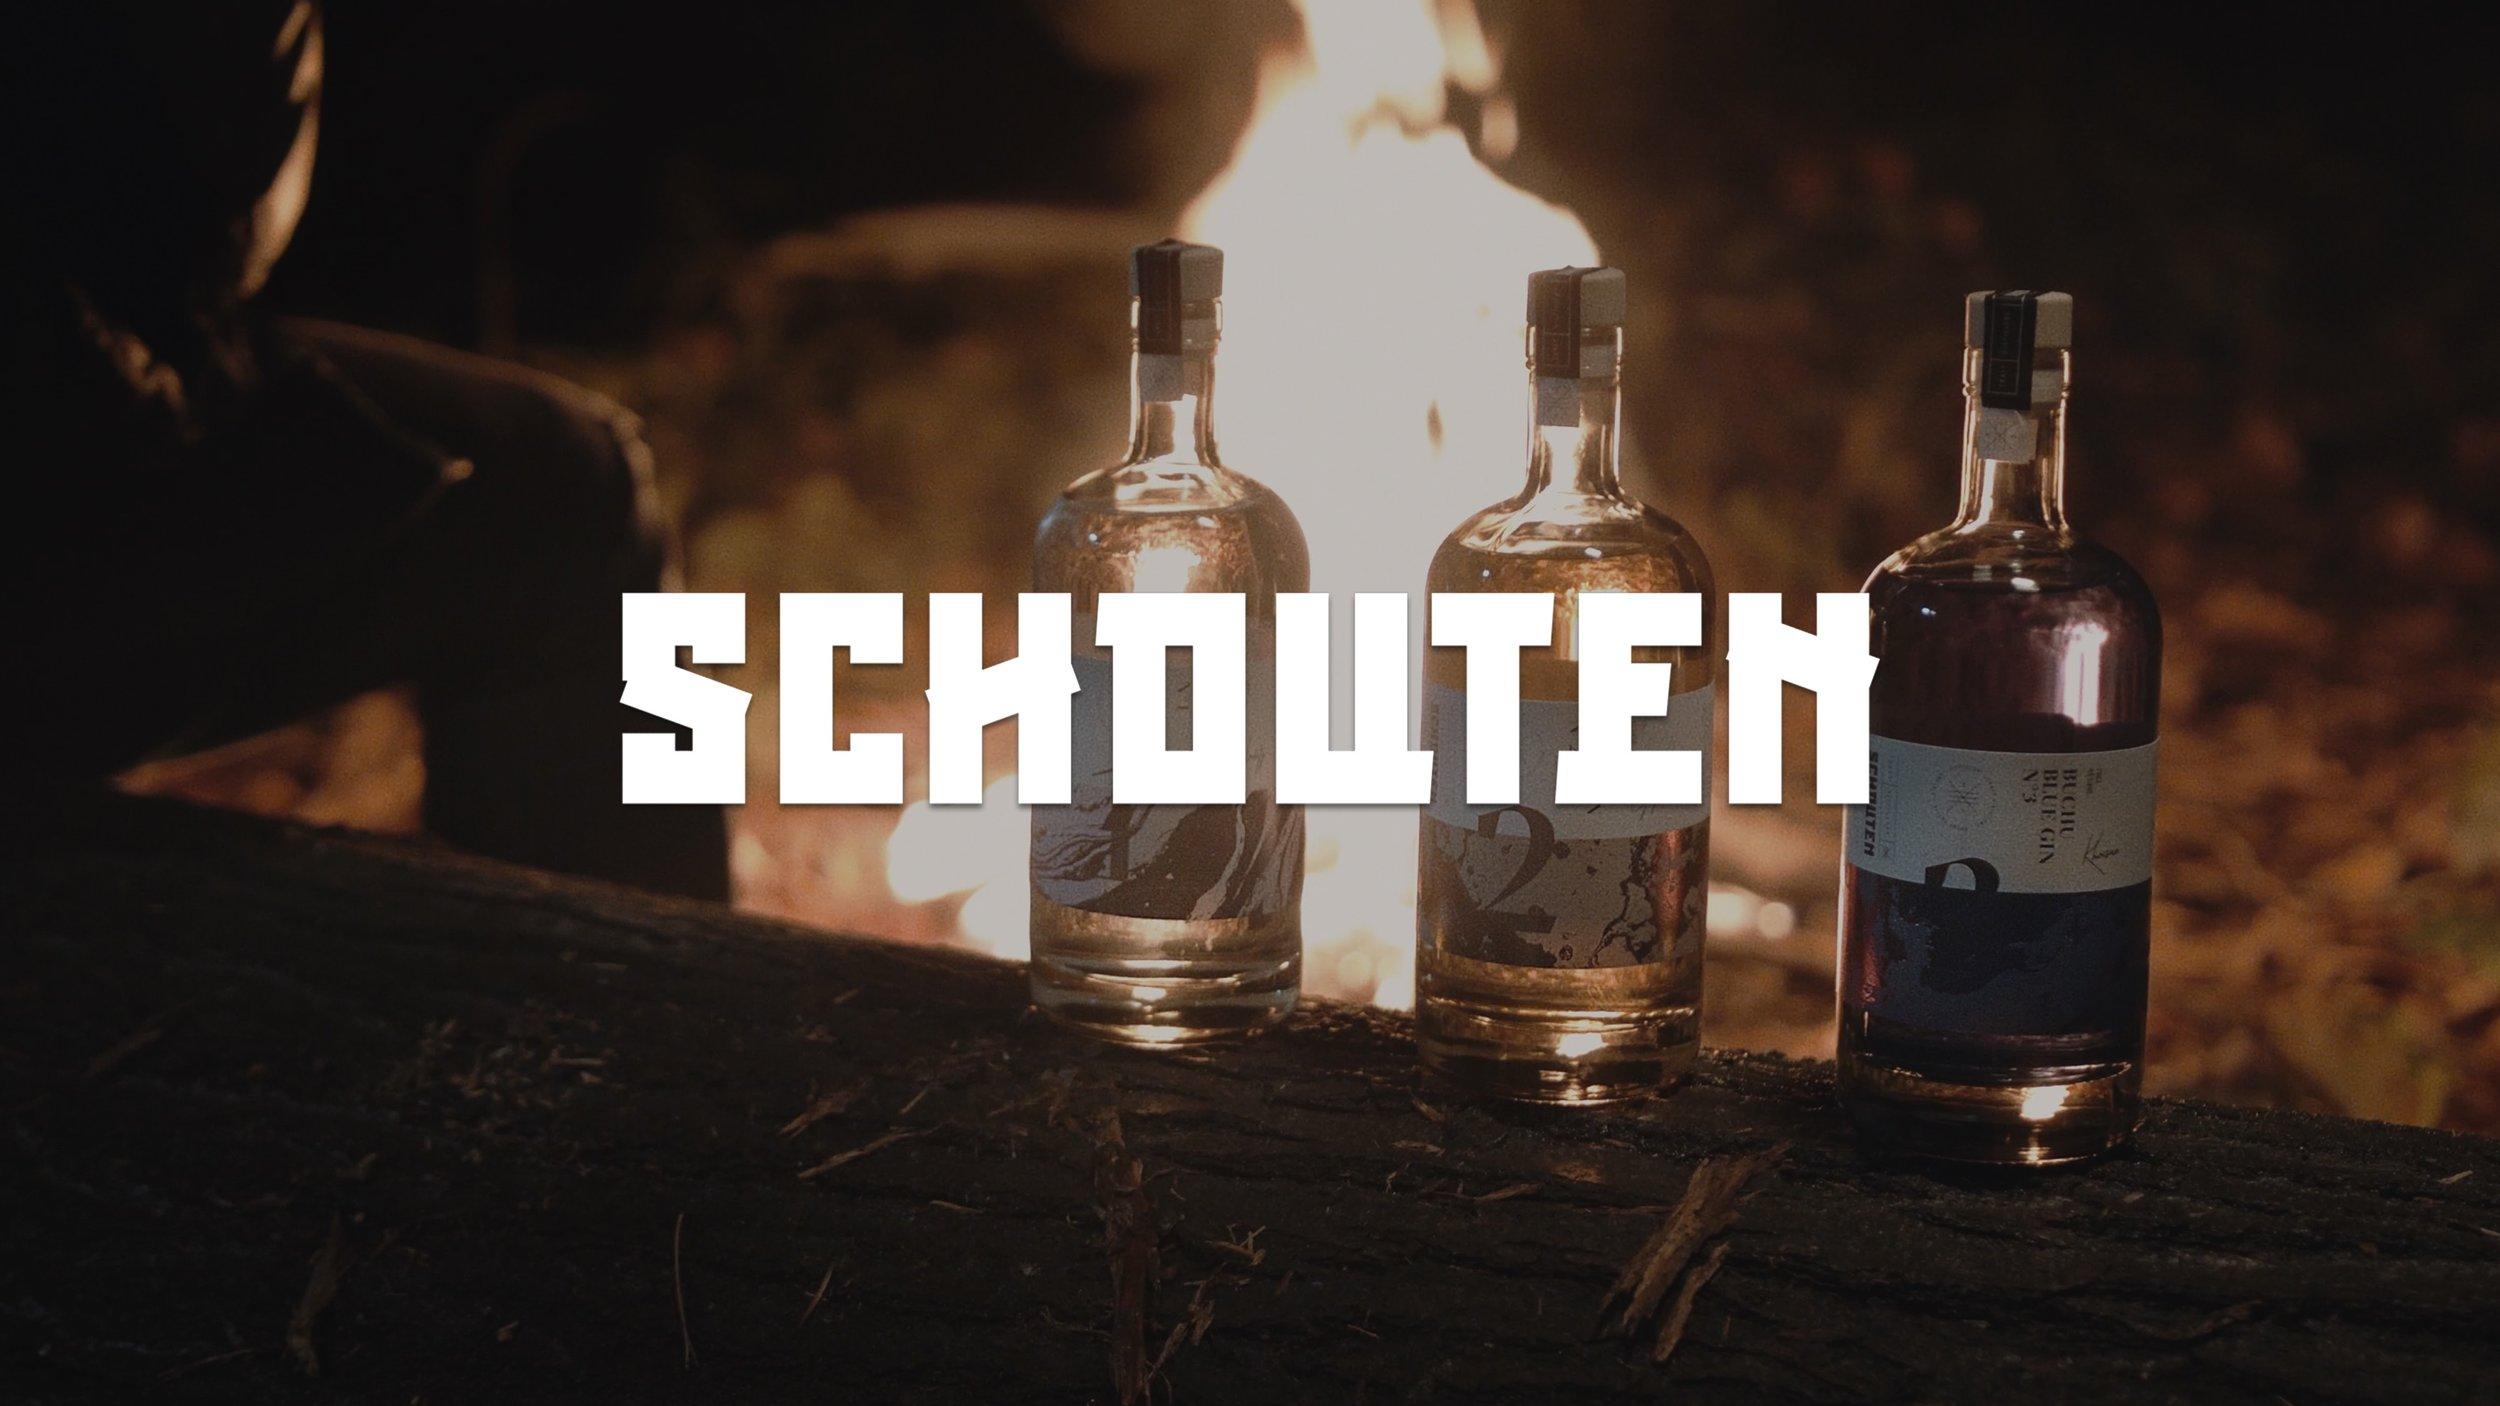 T_Schouten_Distillery-squashed.jpg